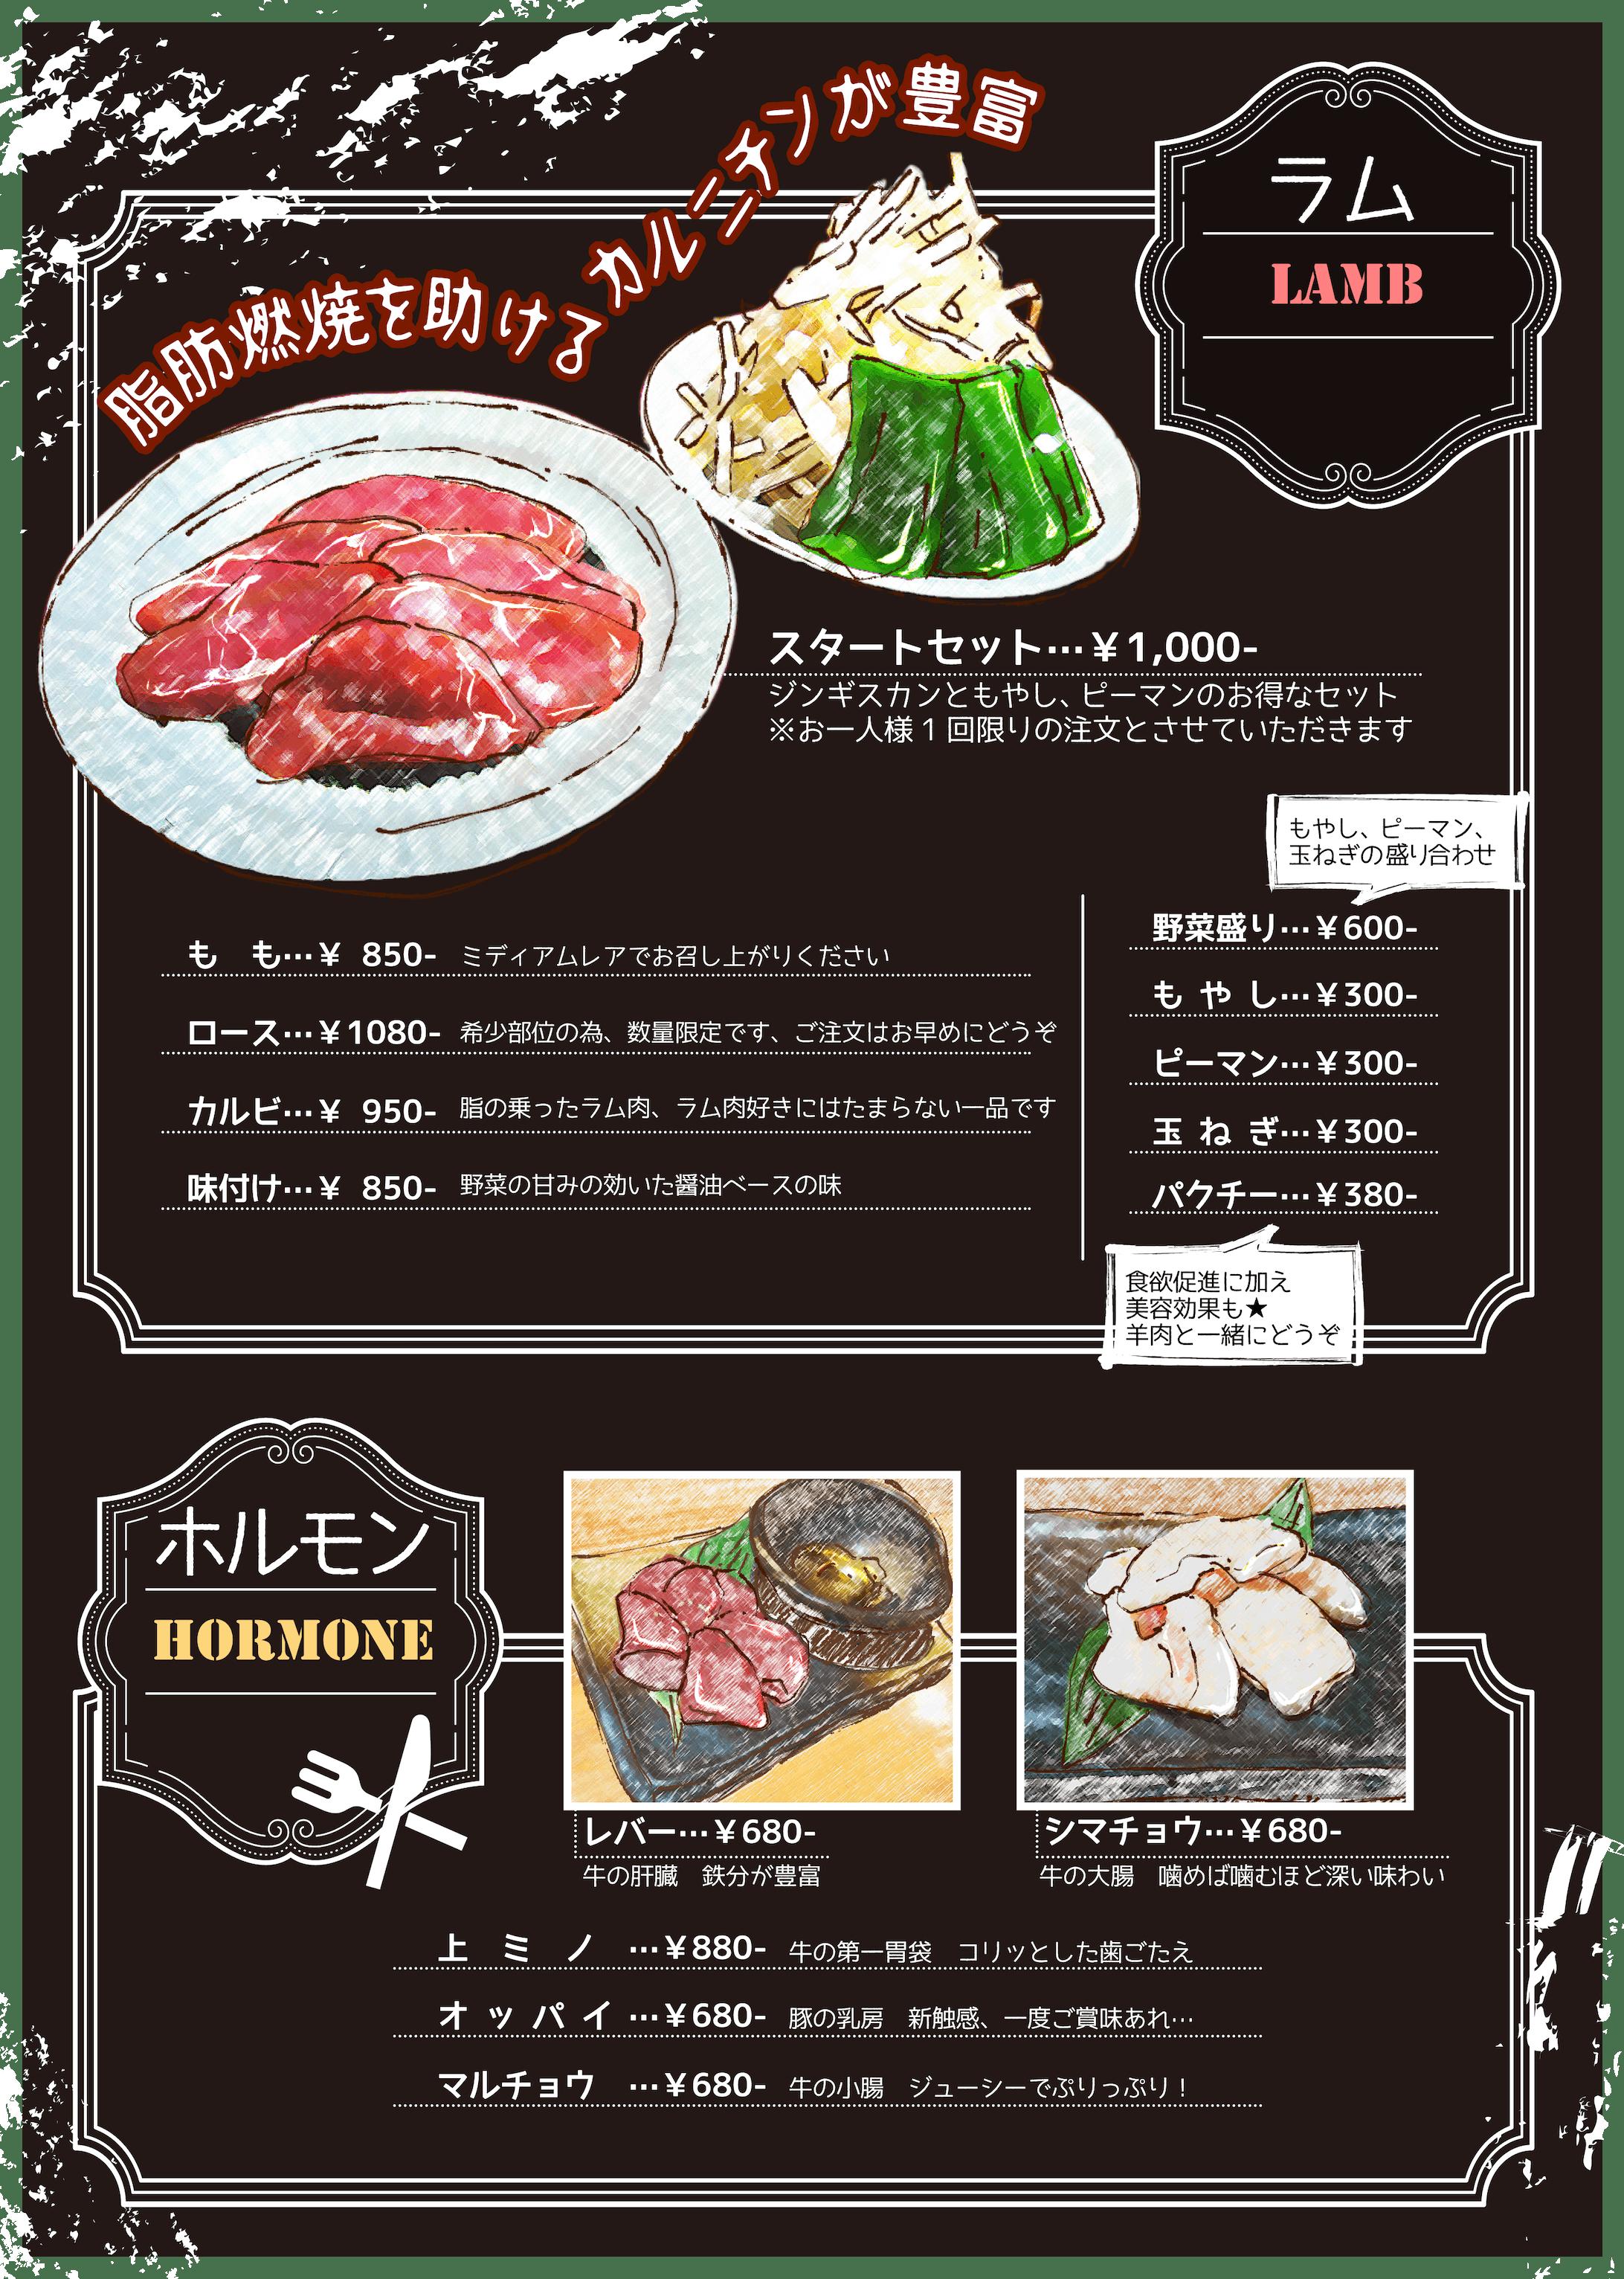 飲食店メニュー表-1